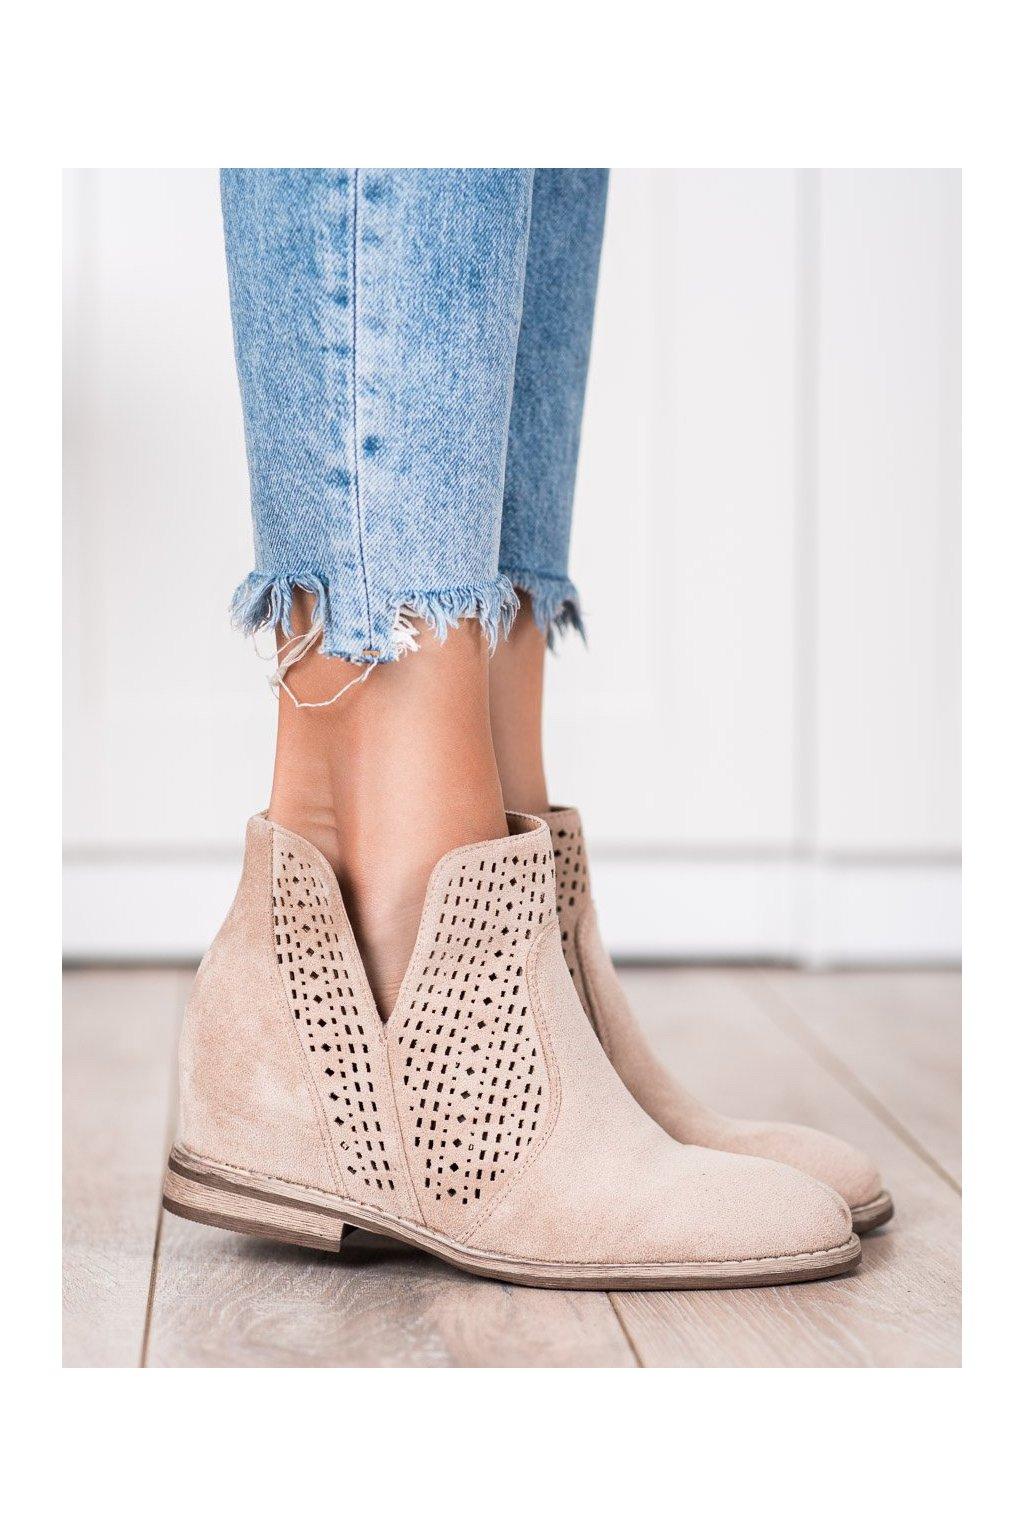 Hnedé dámske topánky S. barski kod 208-1BE